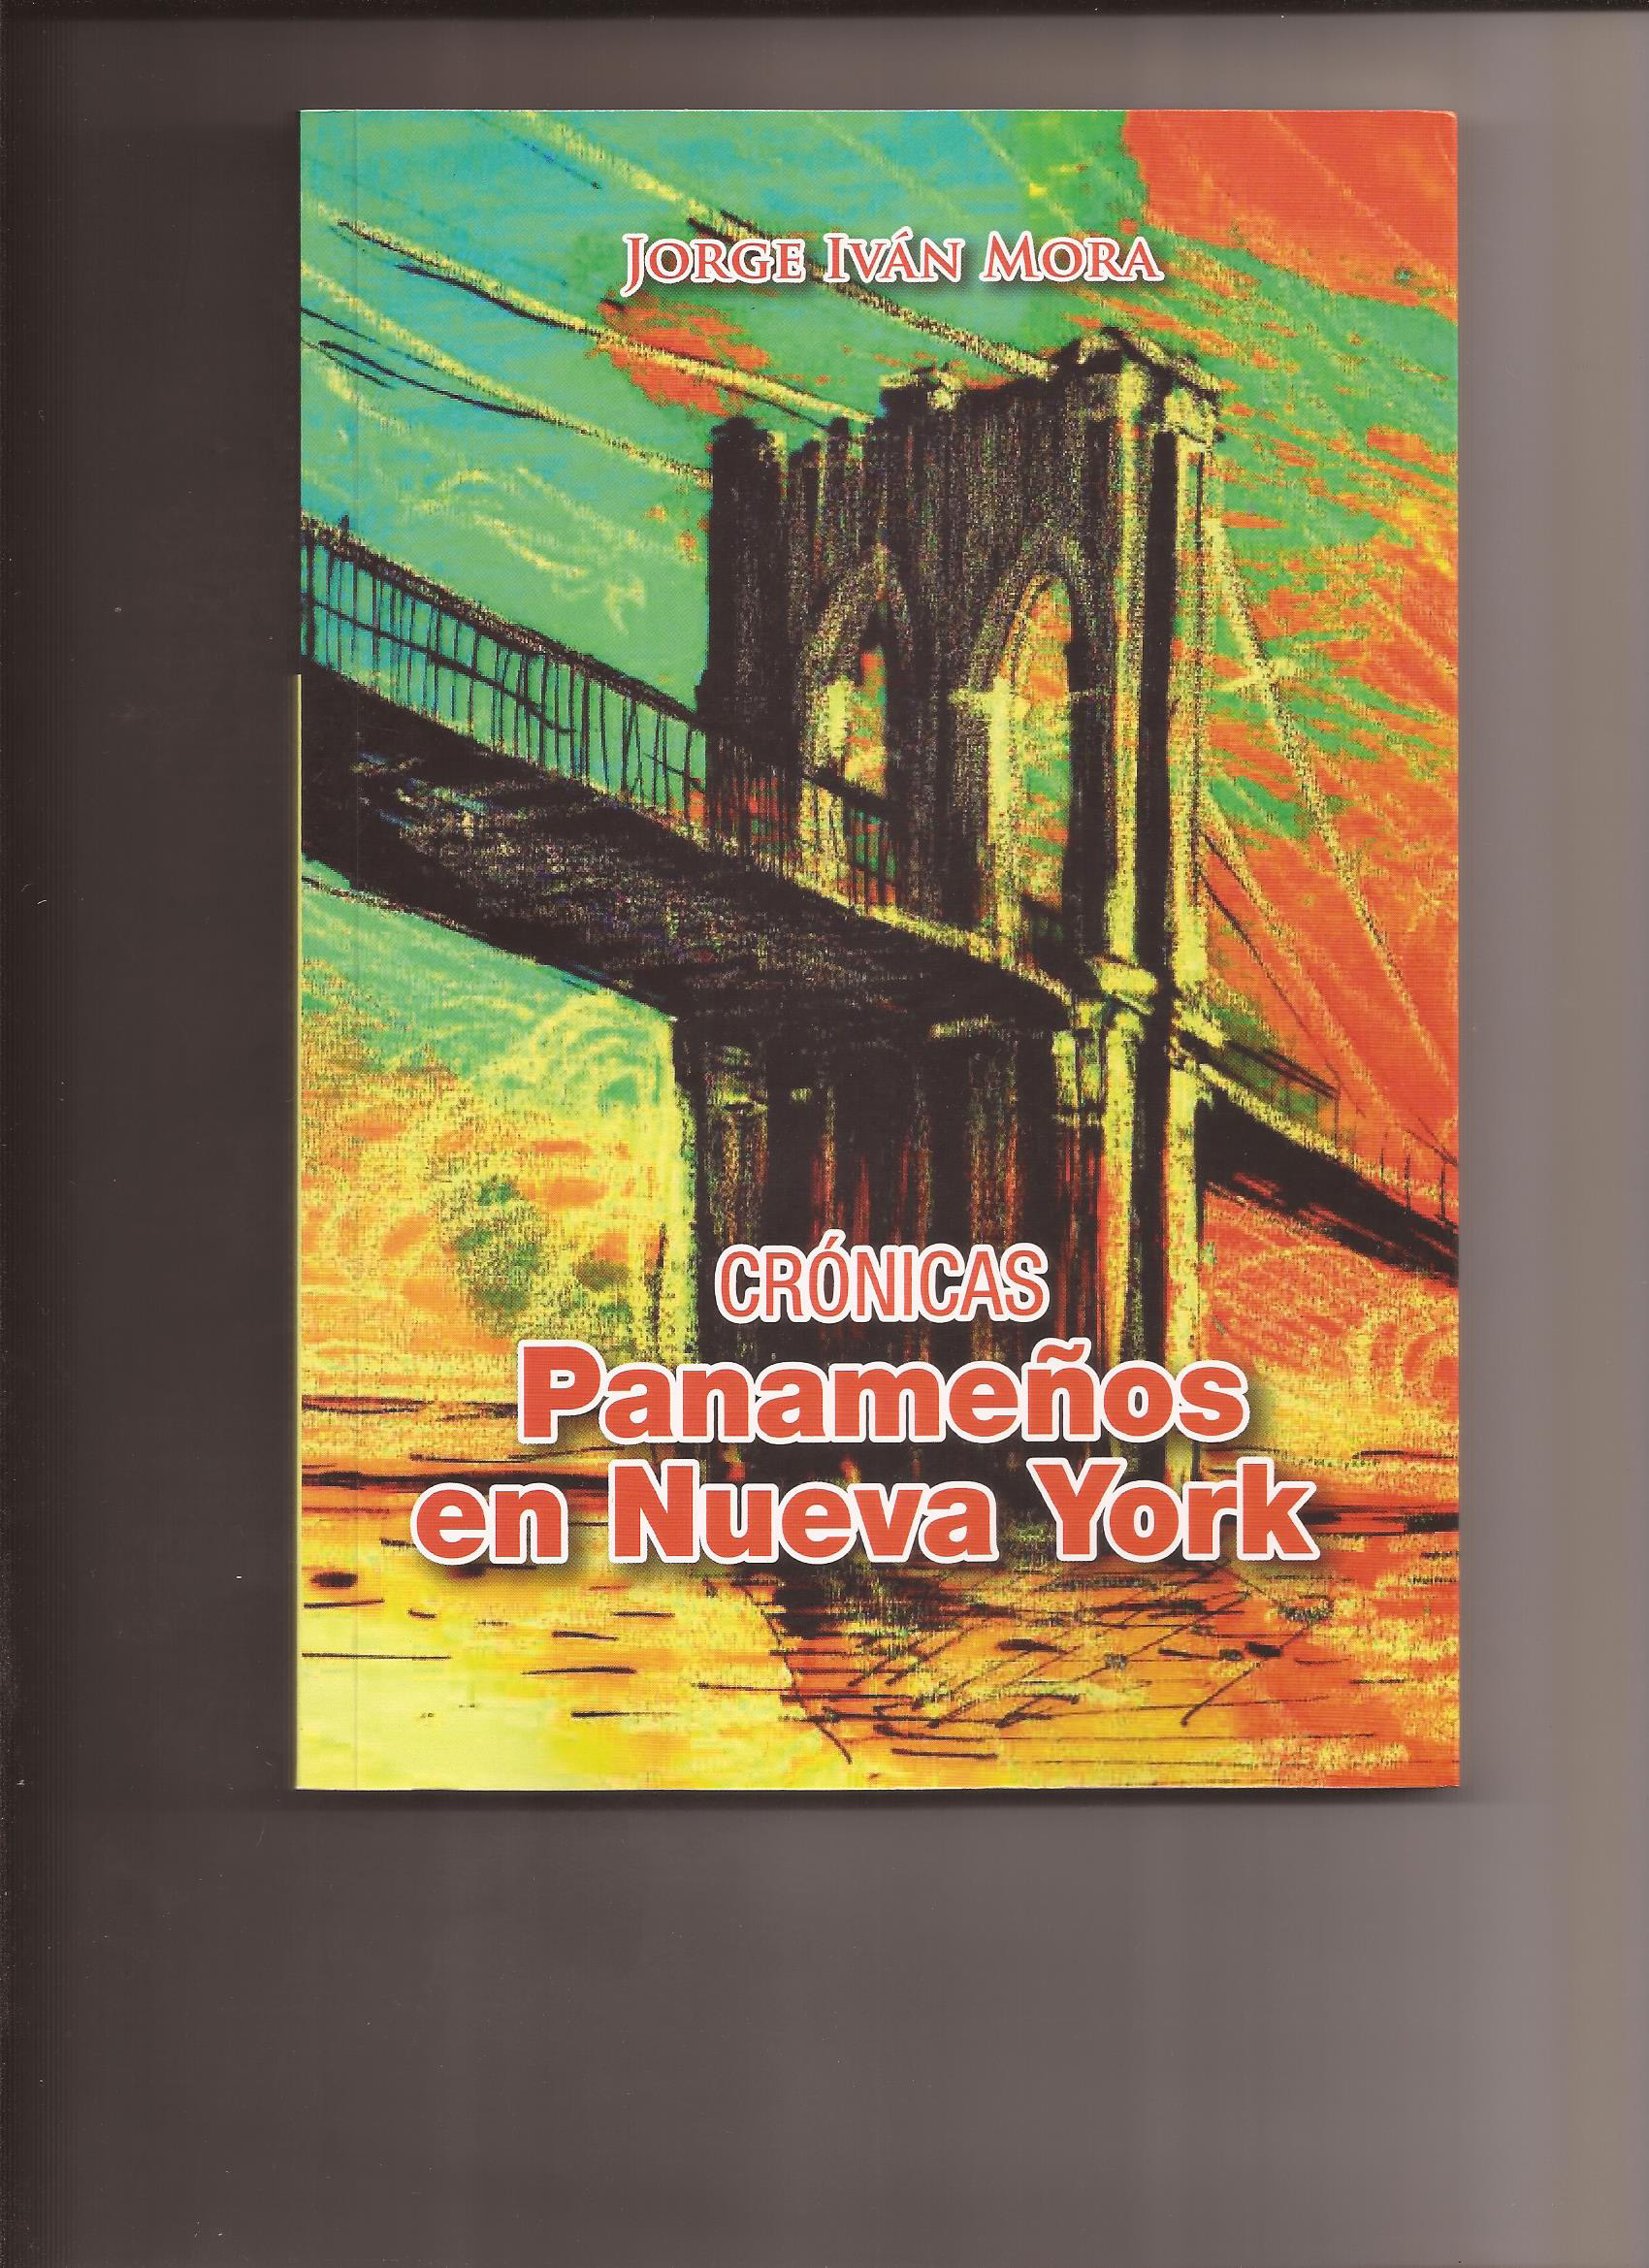 Panameños en Nueva York